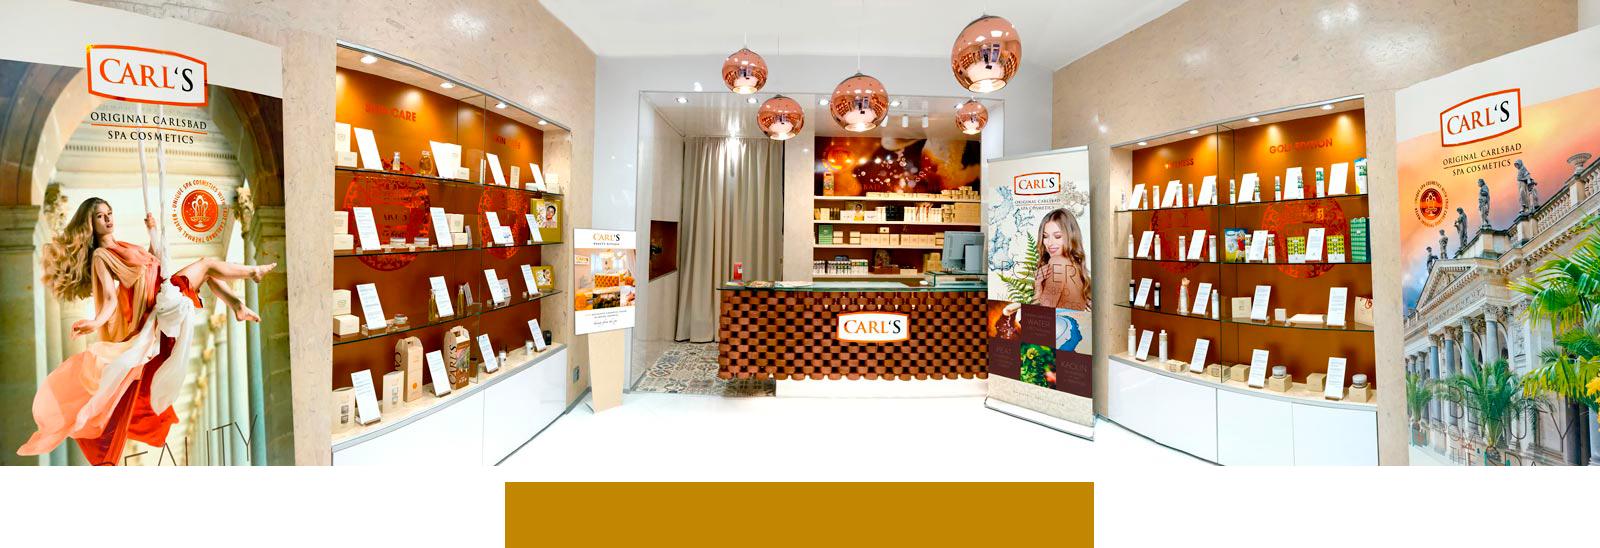 CARL'S Factory Shop - třída T. G. M, Karlovy Vary